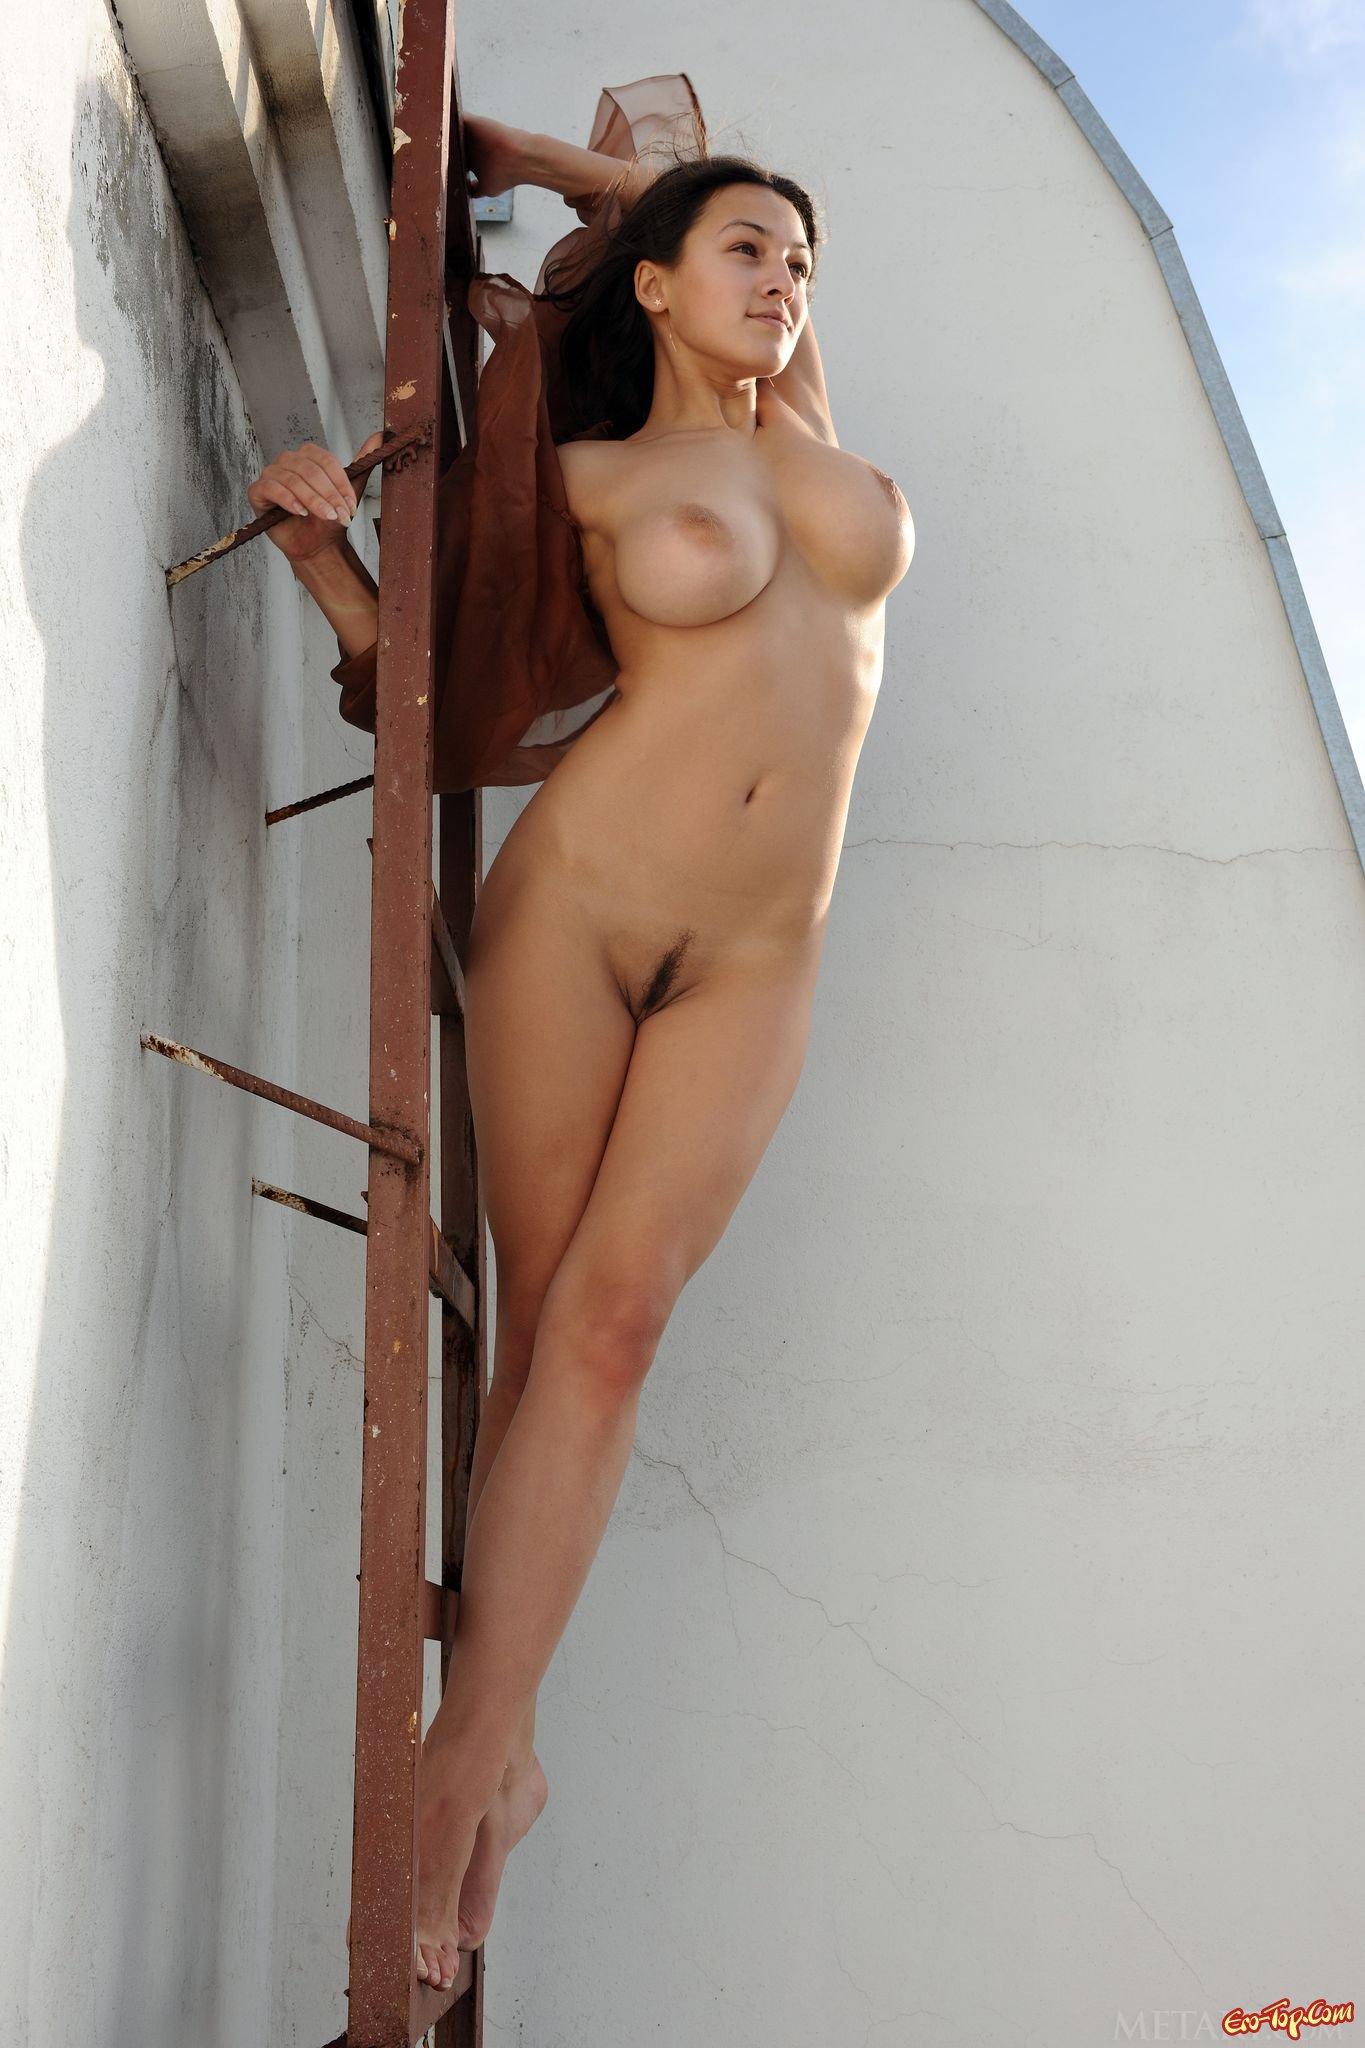 Фото разные позы голых девушек 21 фотография